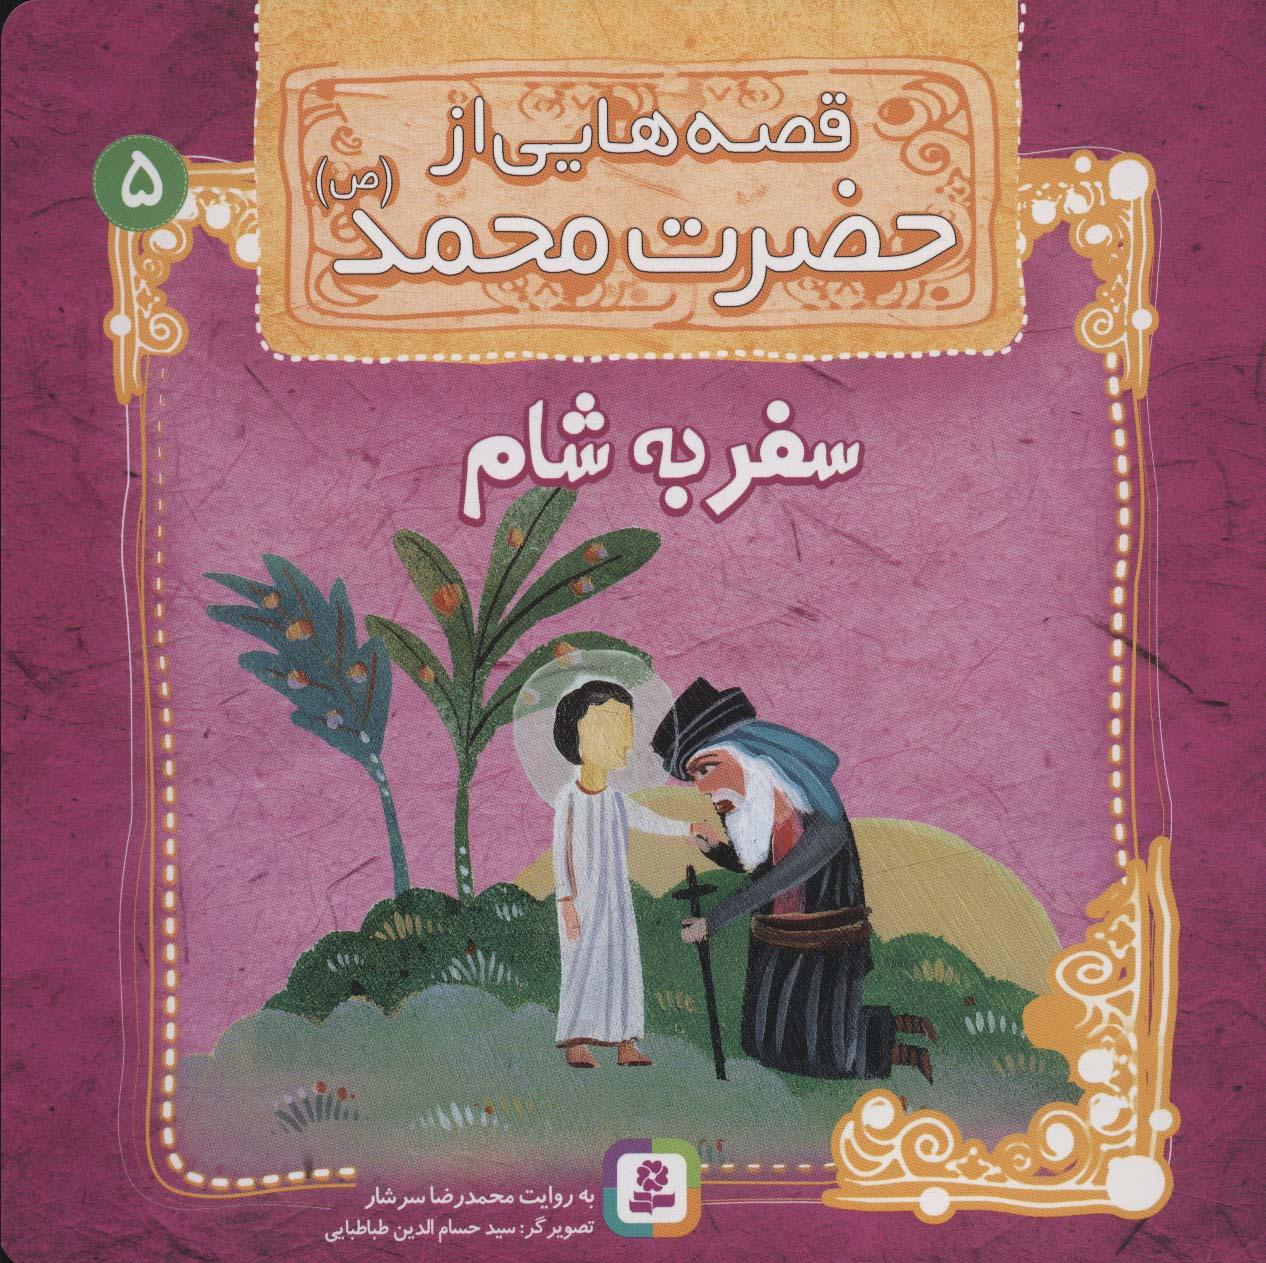 قصه هایی از حضرت محمد (ص) 5 (سفر به شام)